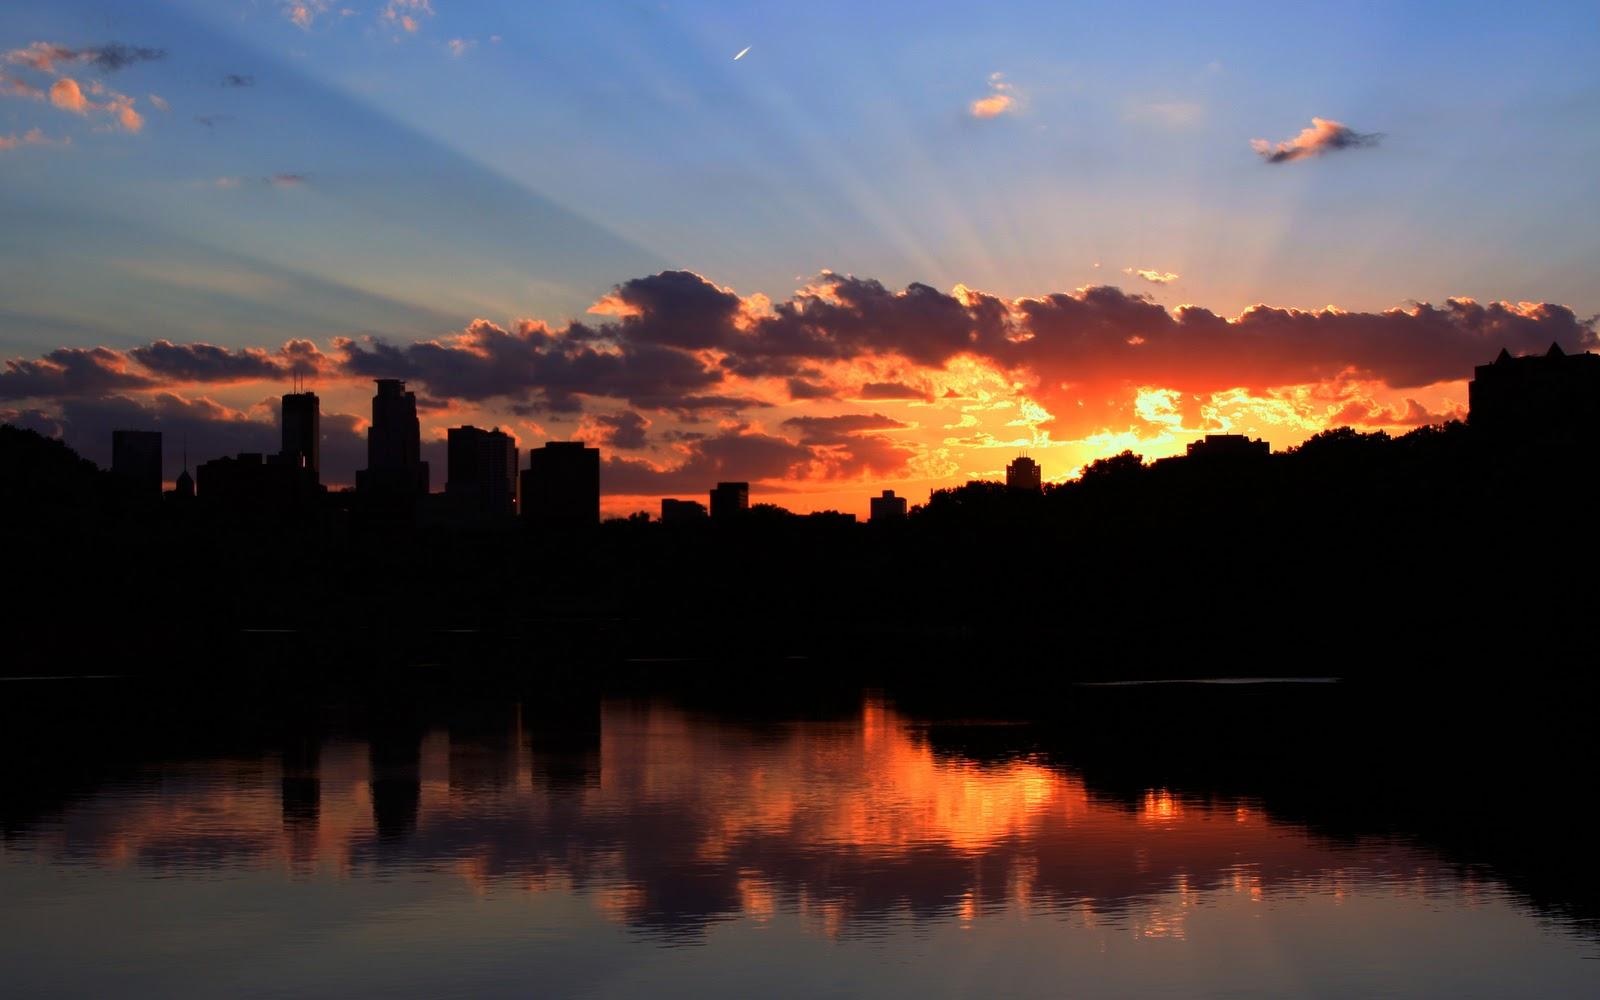 http://4.bp.blogspot.com/_HNBHgCgg_UY/TUGytr9nMRI/AAAAAAAAAfo/SaijjIYzAoI/s1600/Minneapolis+Sunset.bmp